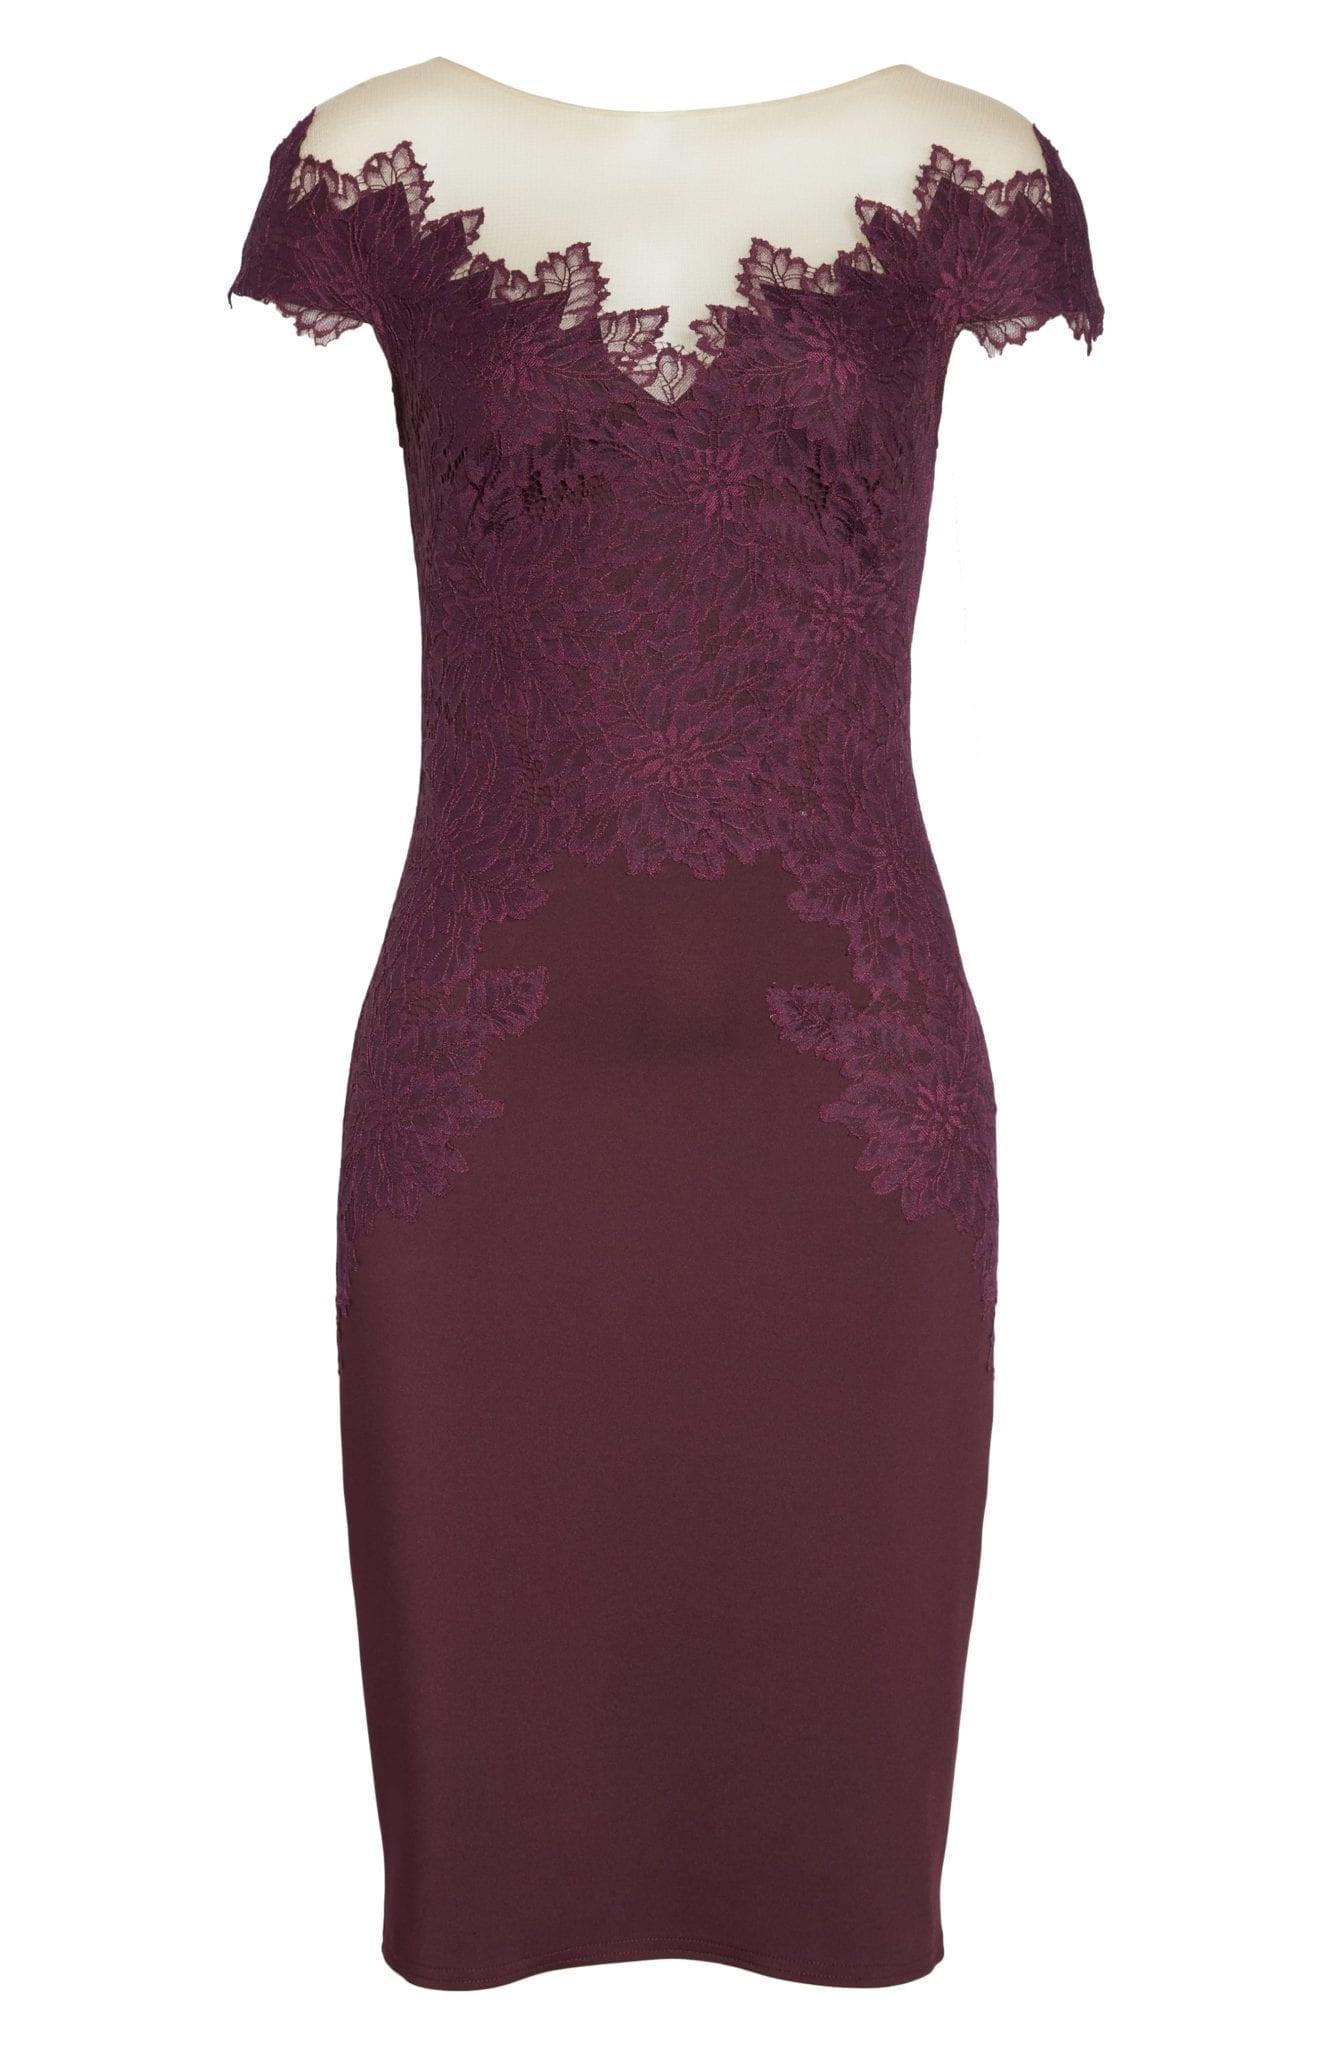 TADASHI SHOJI Lace Embellished Body-Con Dewberry Dress - We Select ...